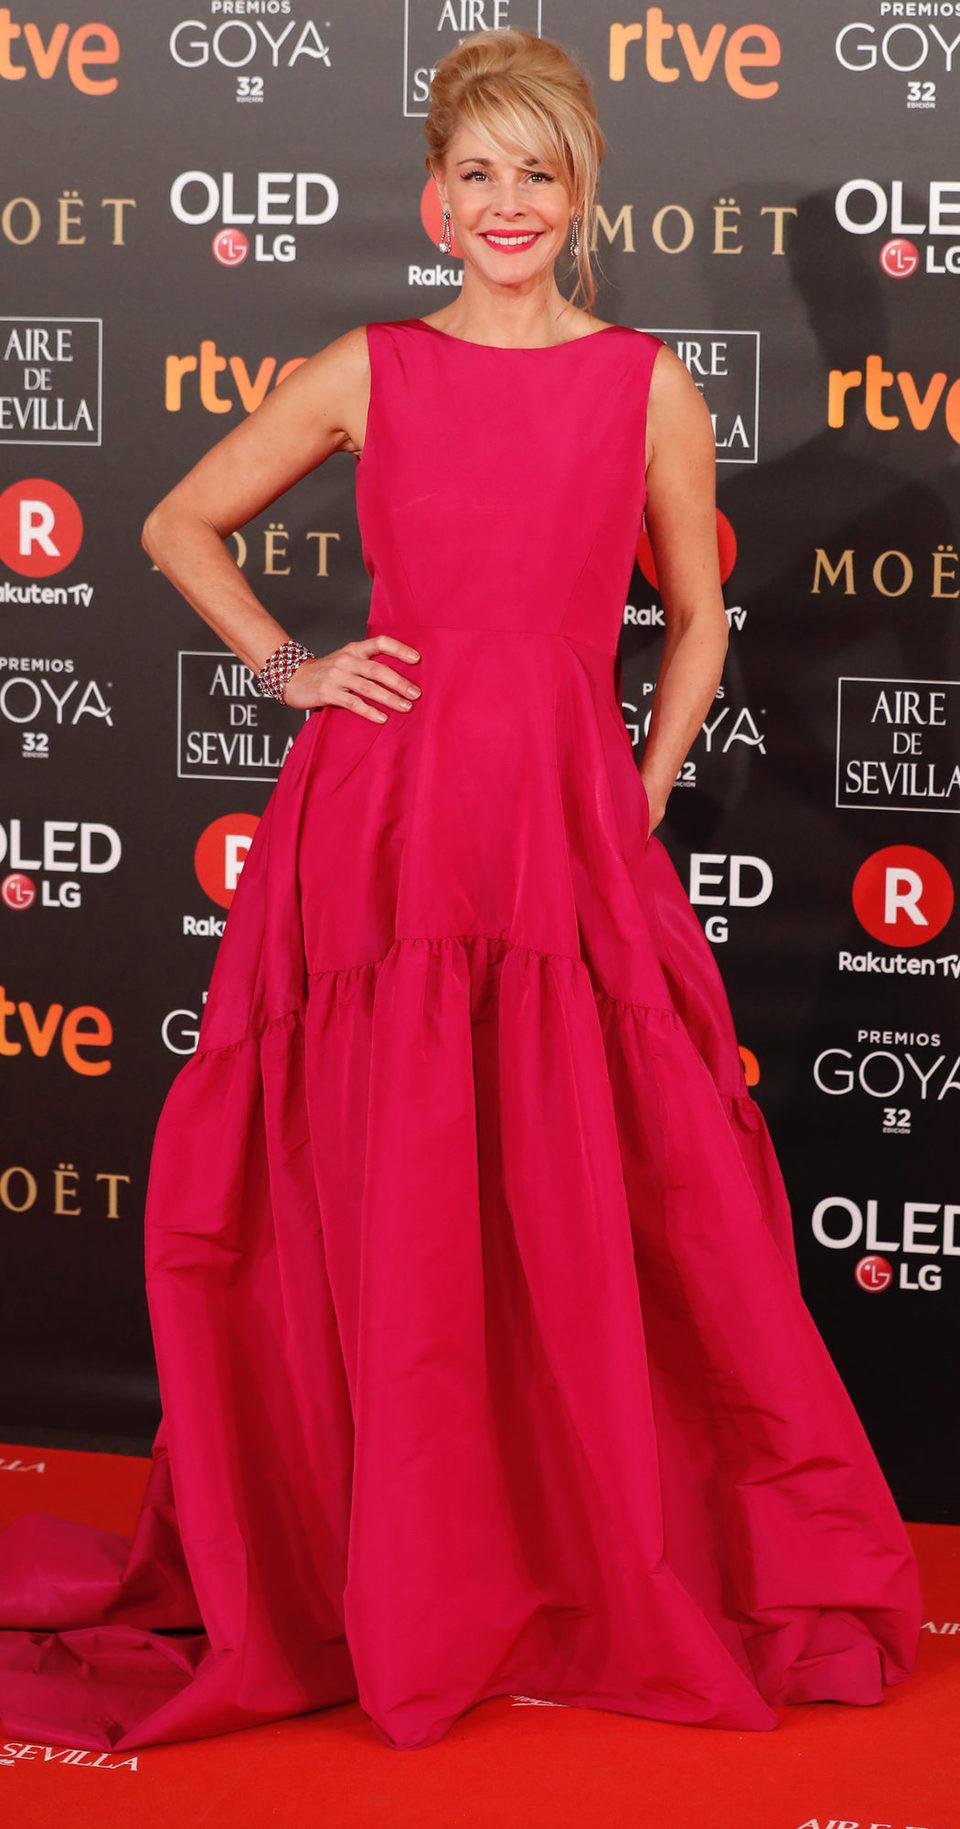 Belén Rueda en la alfombra roja de los Premios Goya 2018